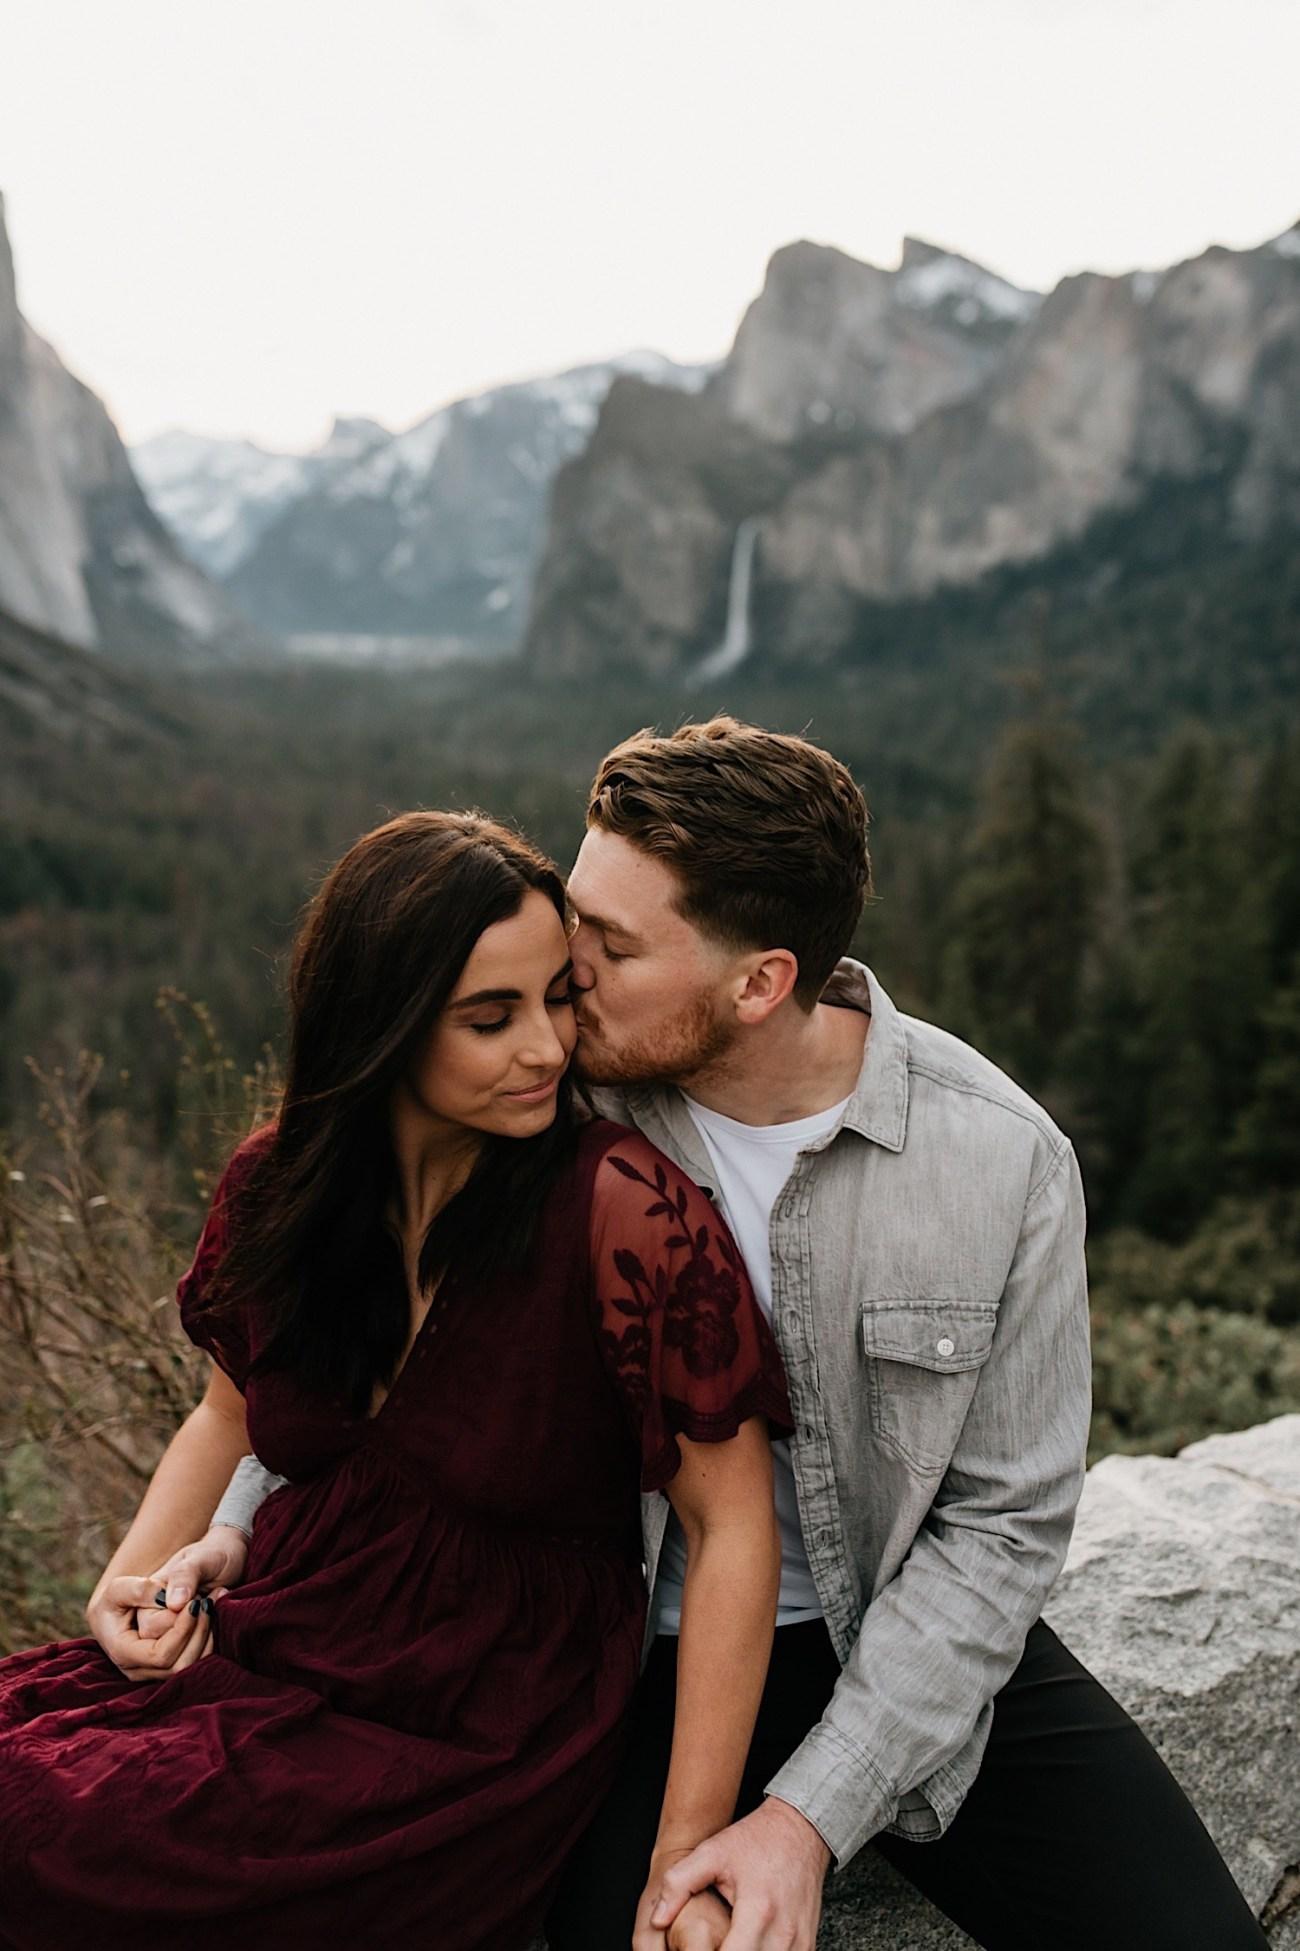 Yosemite National Park Enagement Session California Wedding Photographer 04